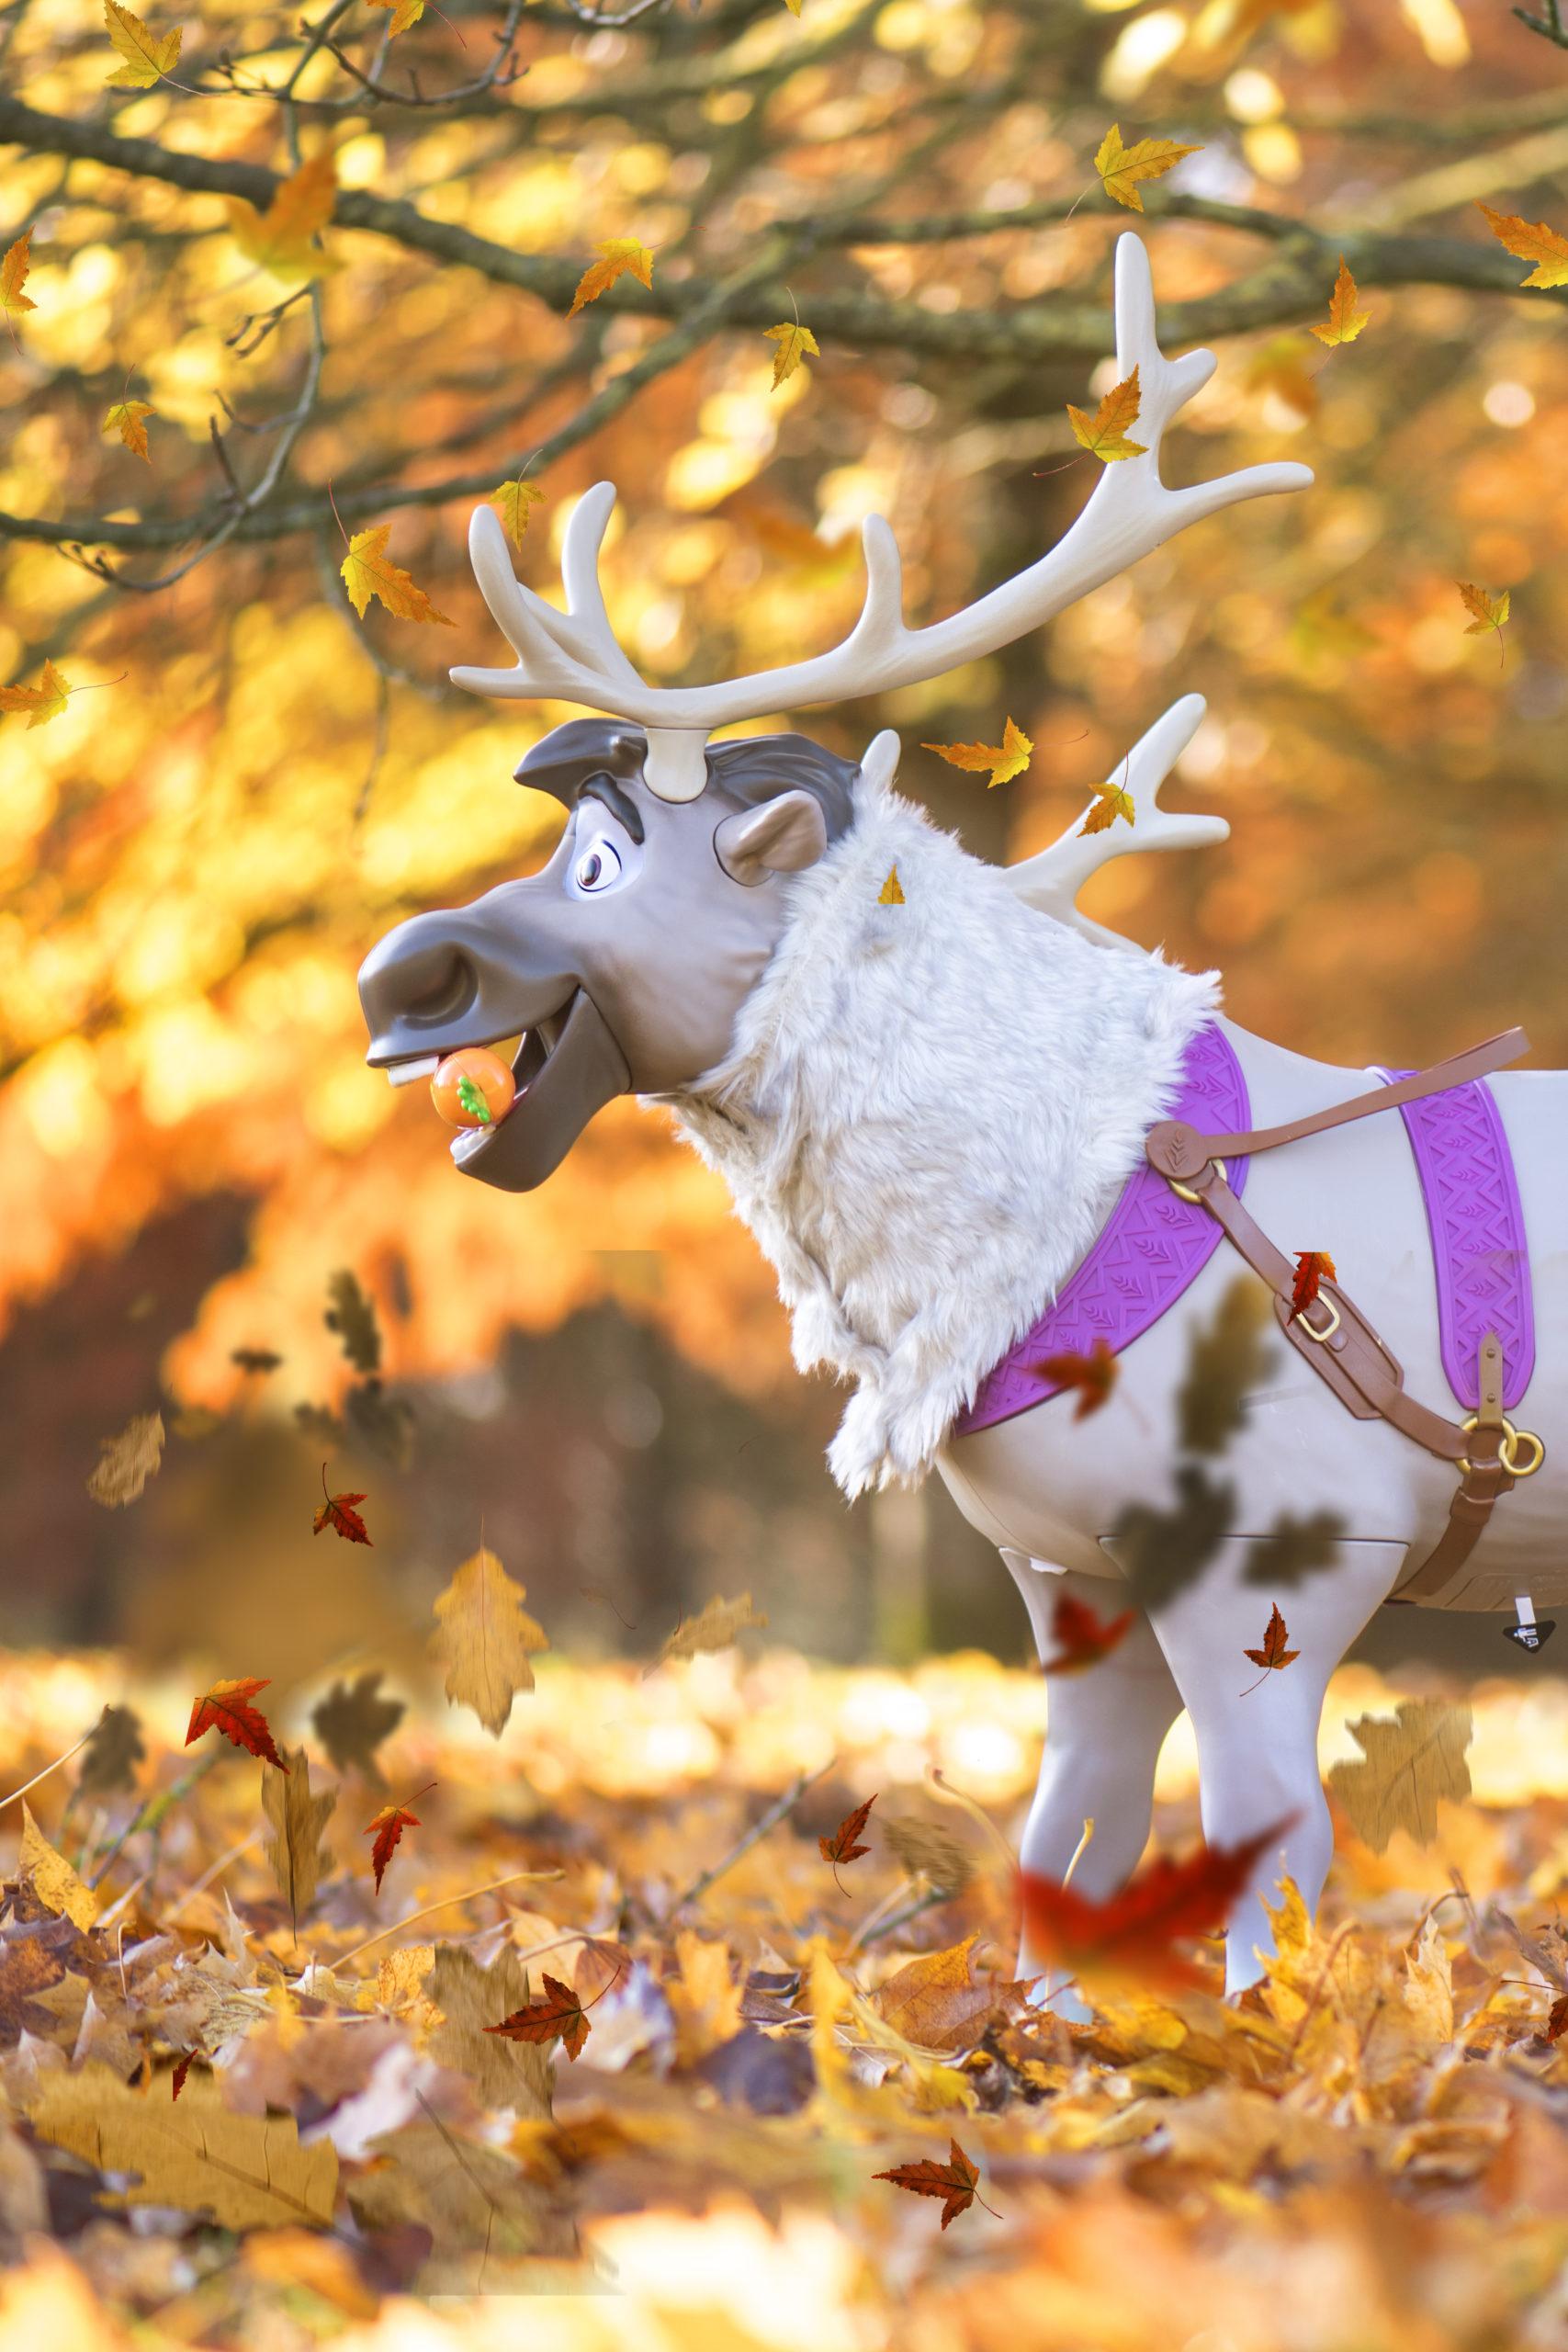 sven reindeer frozen 2